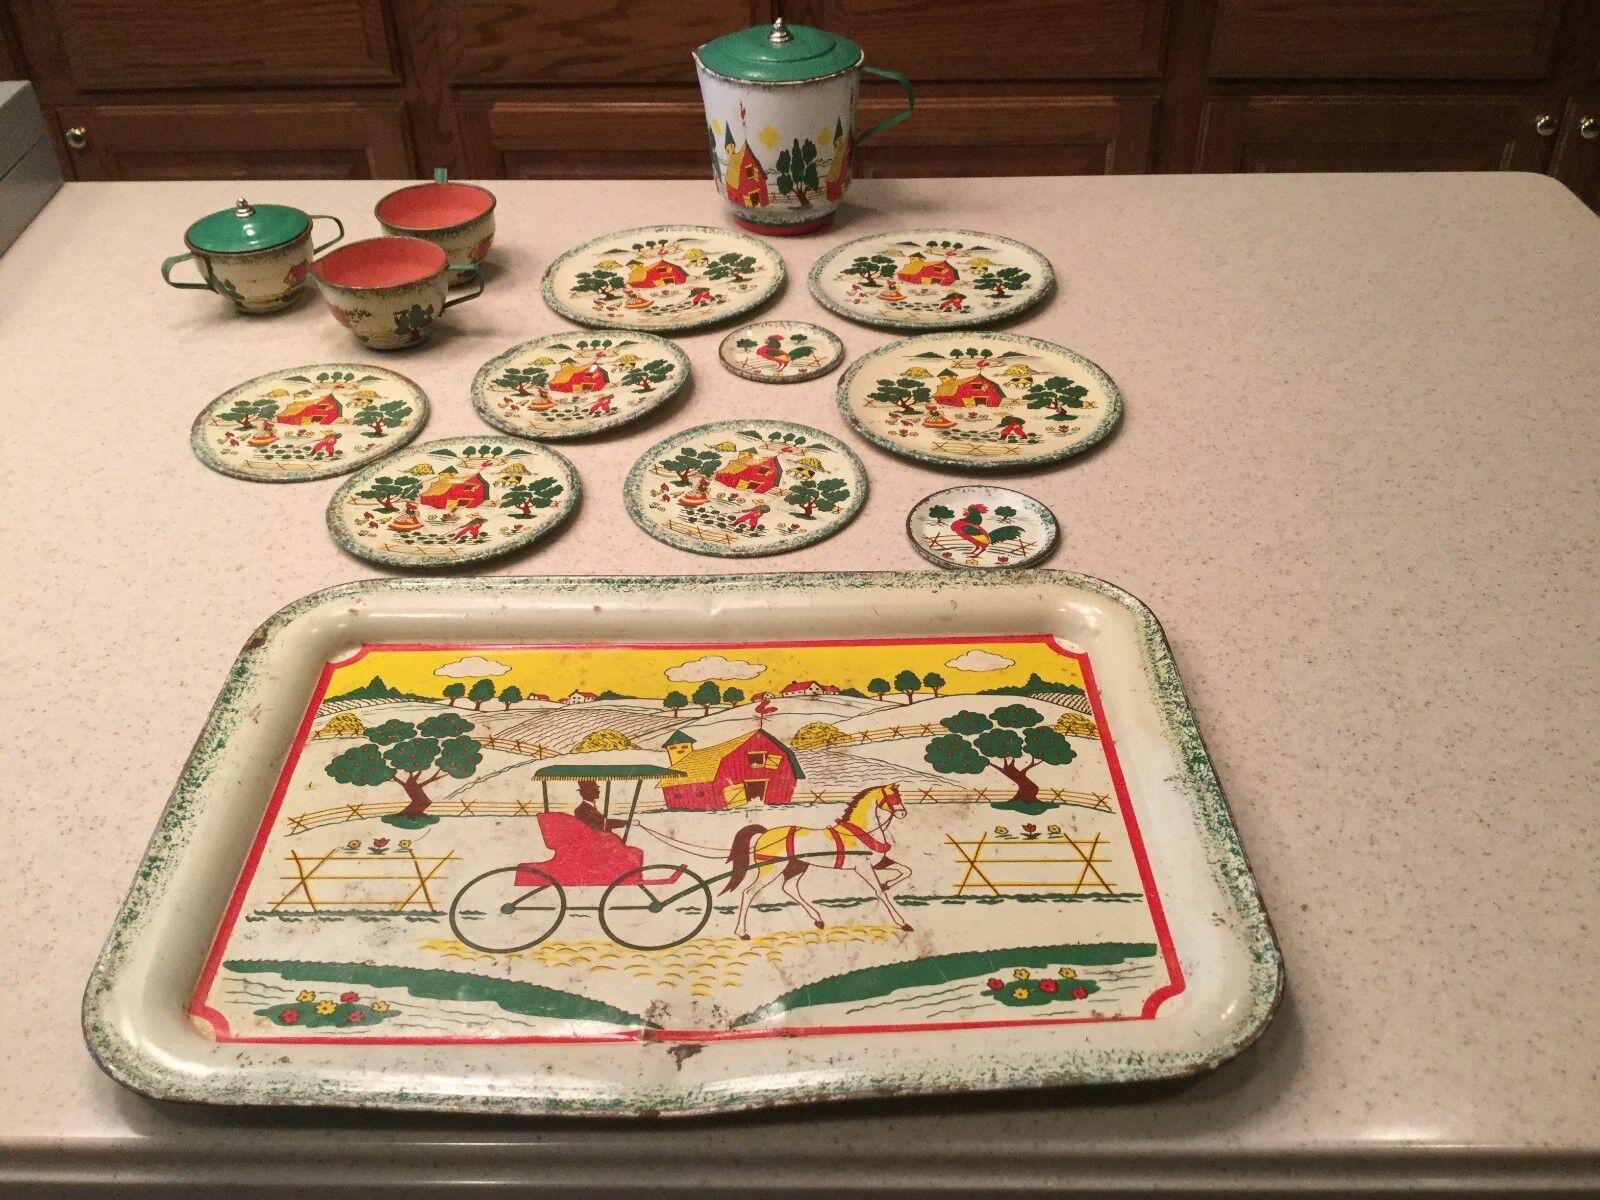 L'Ohio Art Tin Litho Tea Set Apple agricoltura paese Charm 14 Pieces